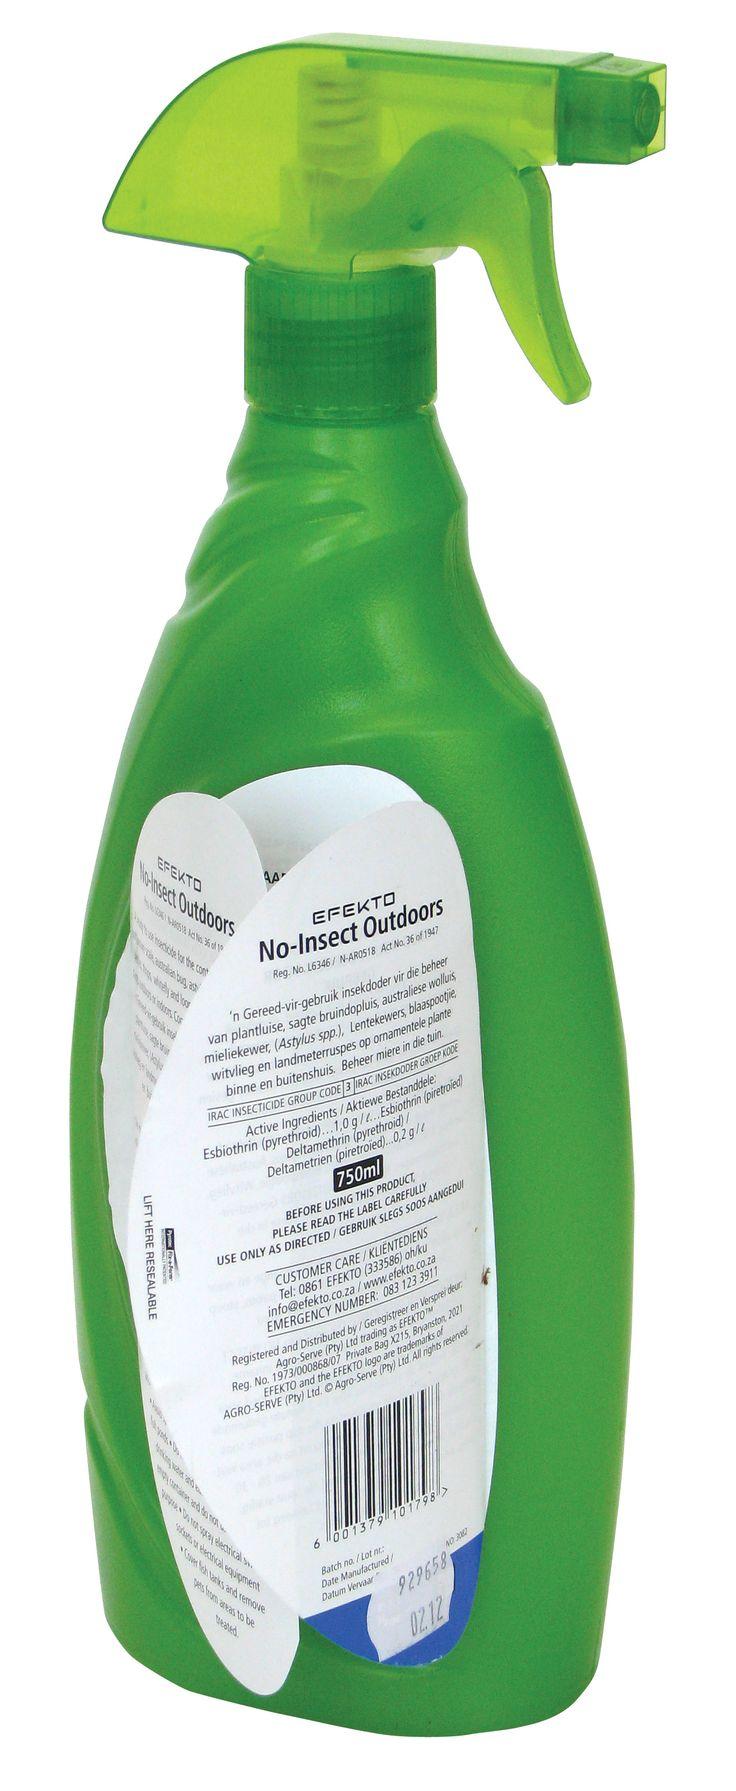 Efekto Agrochemical Fix-a-Form® leaflet-label